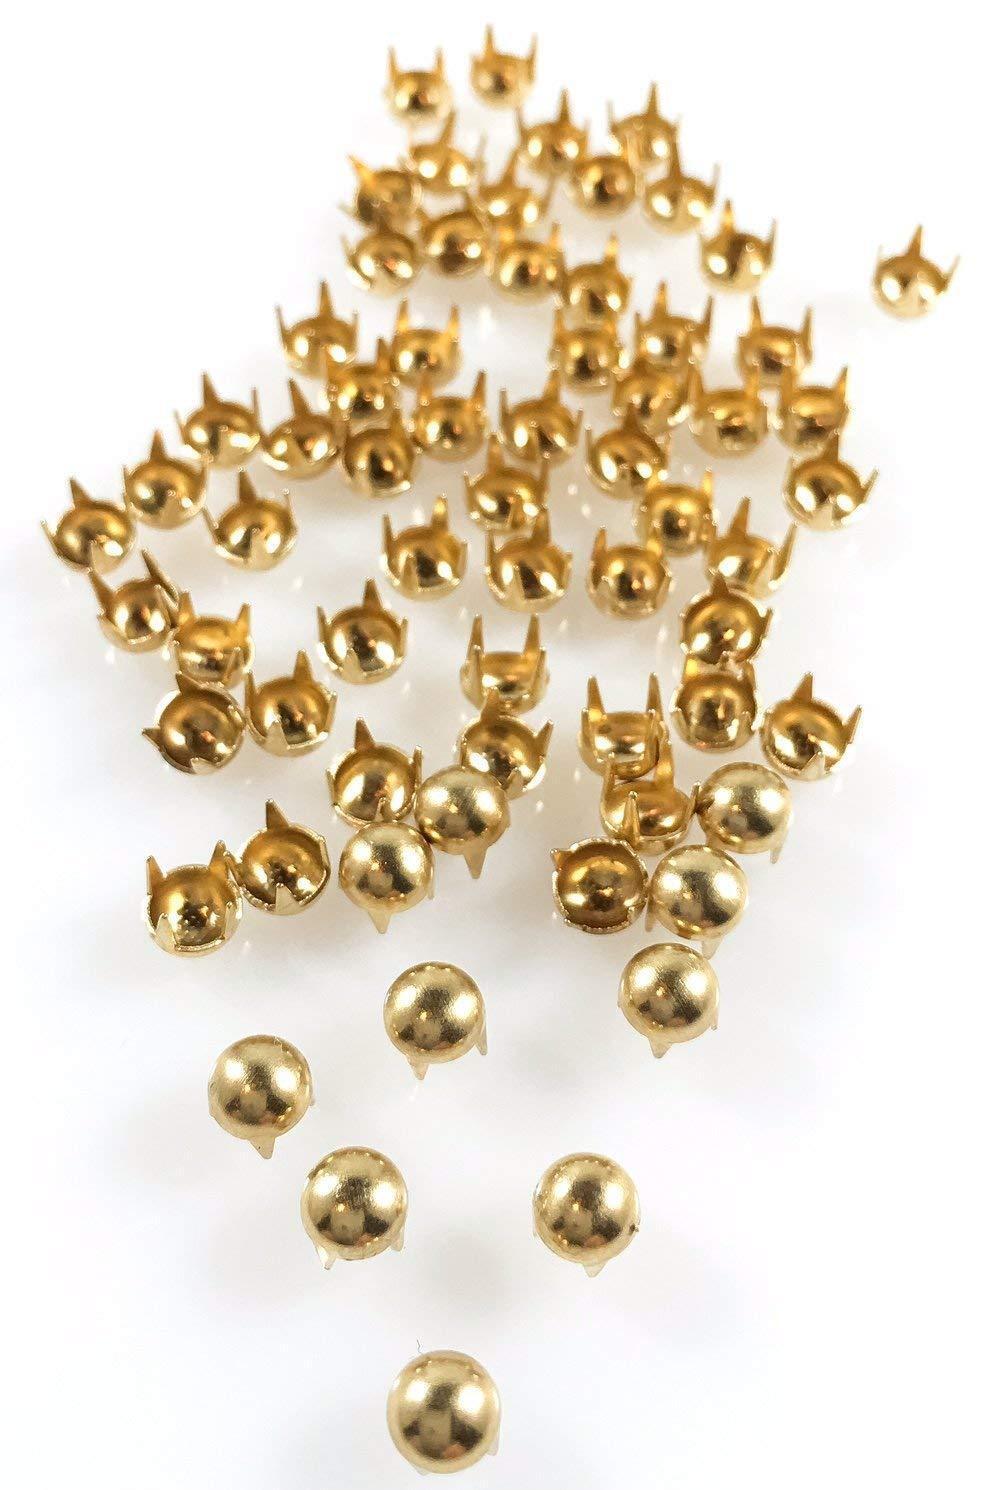 100pcs Rectangle Studs Spots Nailheads Pointes Pour Sacs Chaussures Bracelet 16x6mm